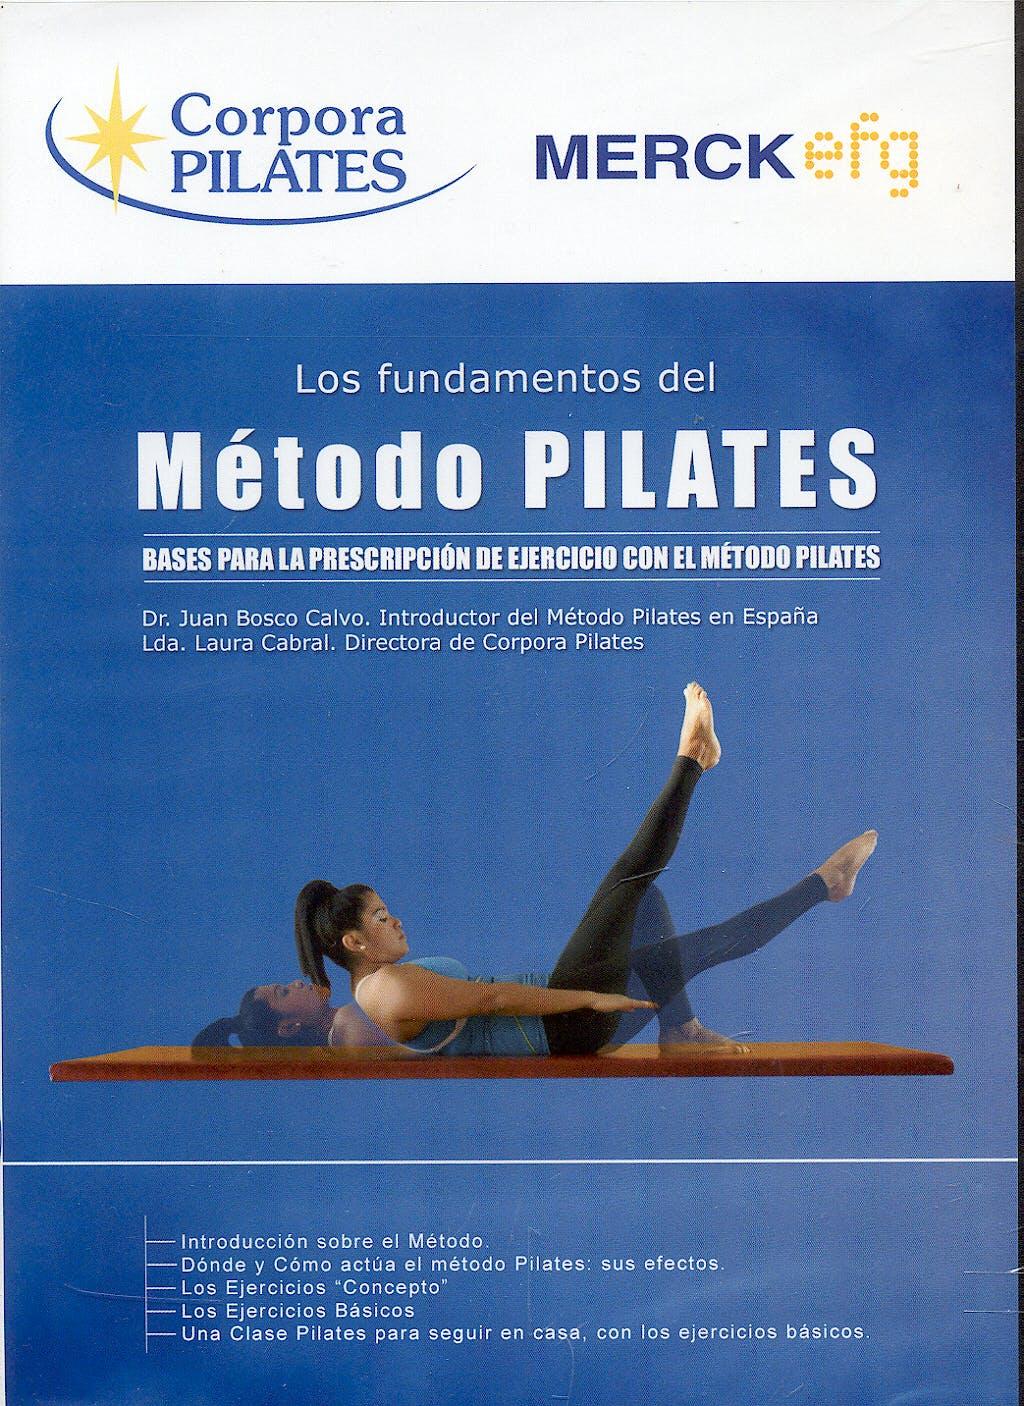 Los Fundamentos del Método Pilates. Bases para la Prescripción de Ejercicio con el Método Pilates (DVD)